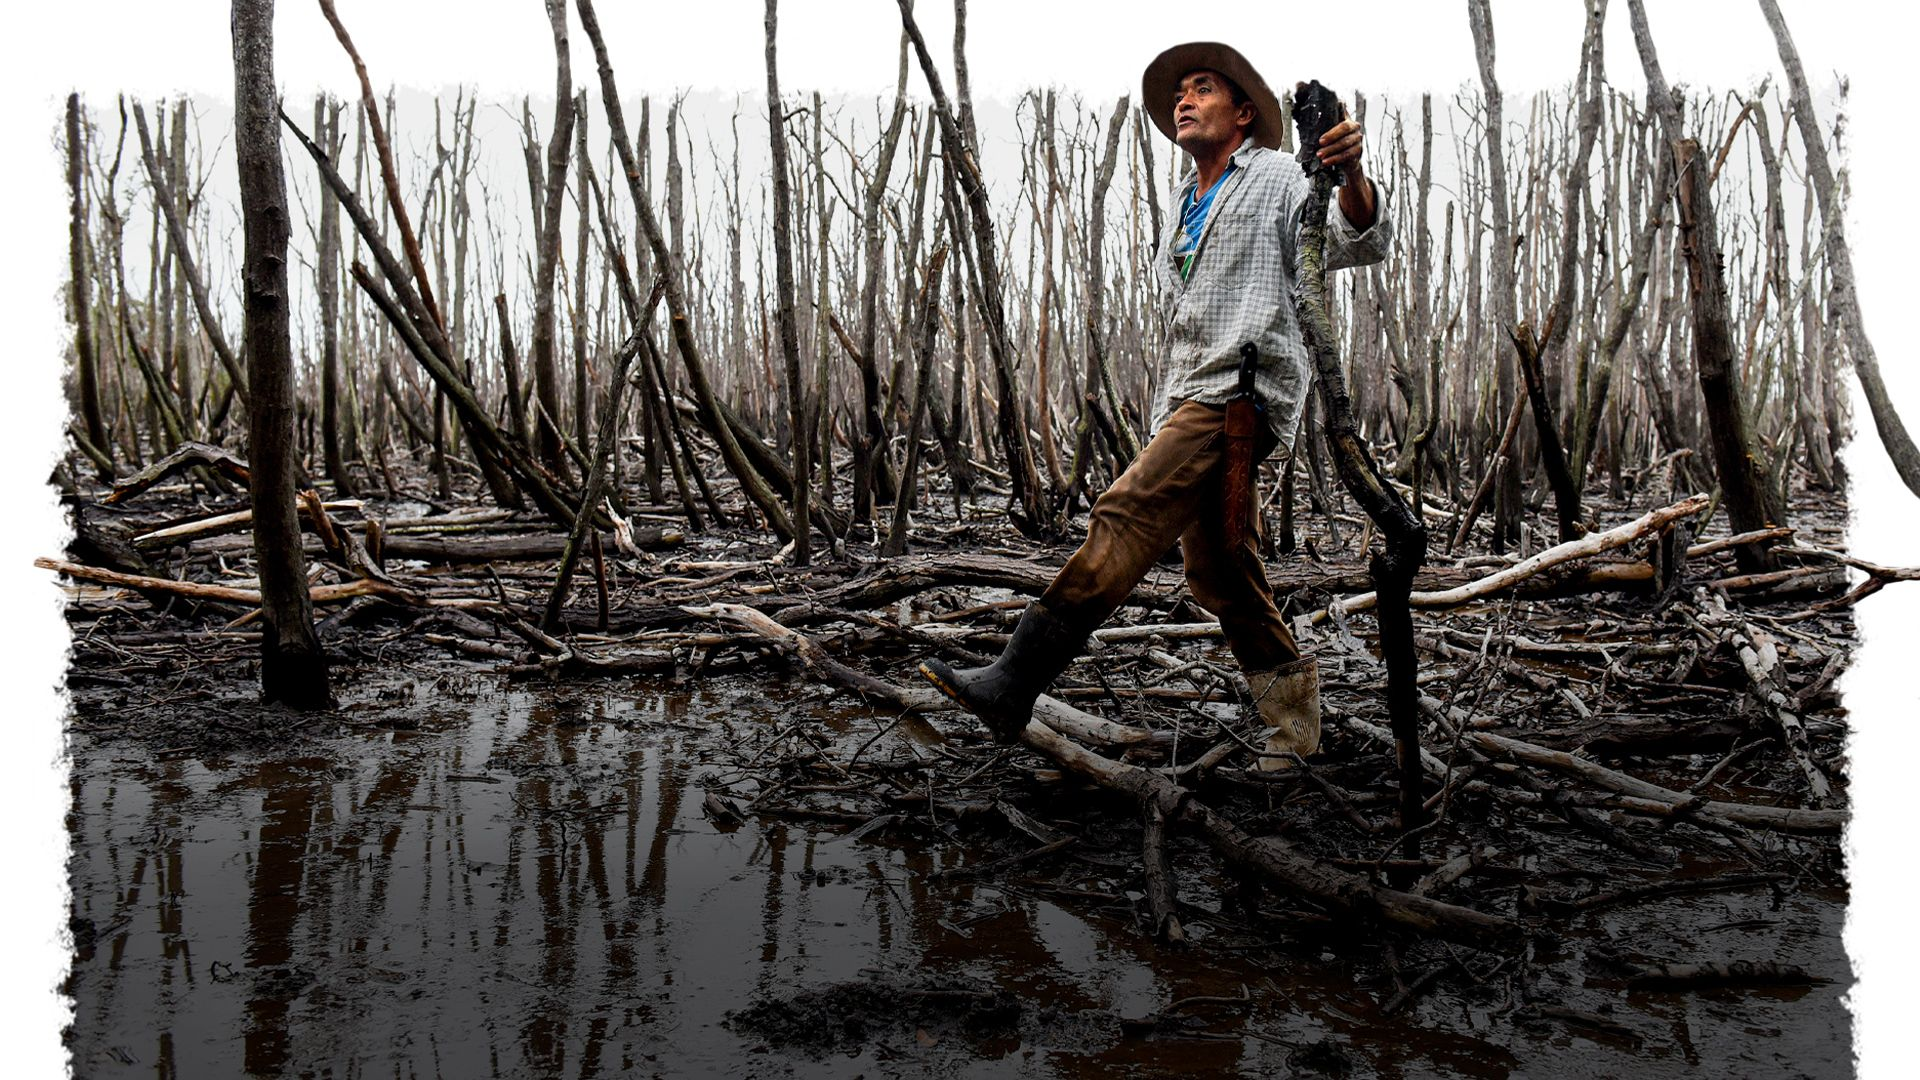 Pedro Ribeiro, presidente da Associação de Moradores e Catadores de Caranguejo do Distrito de Nativo, caminha sobre o mangue morto, em São Mateus